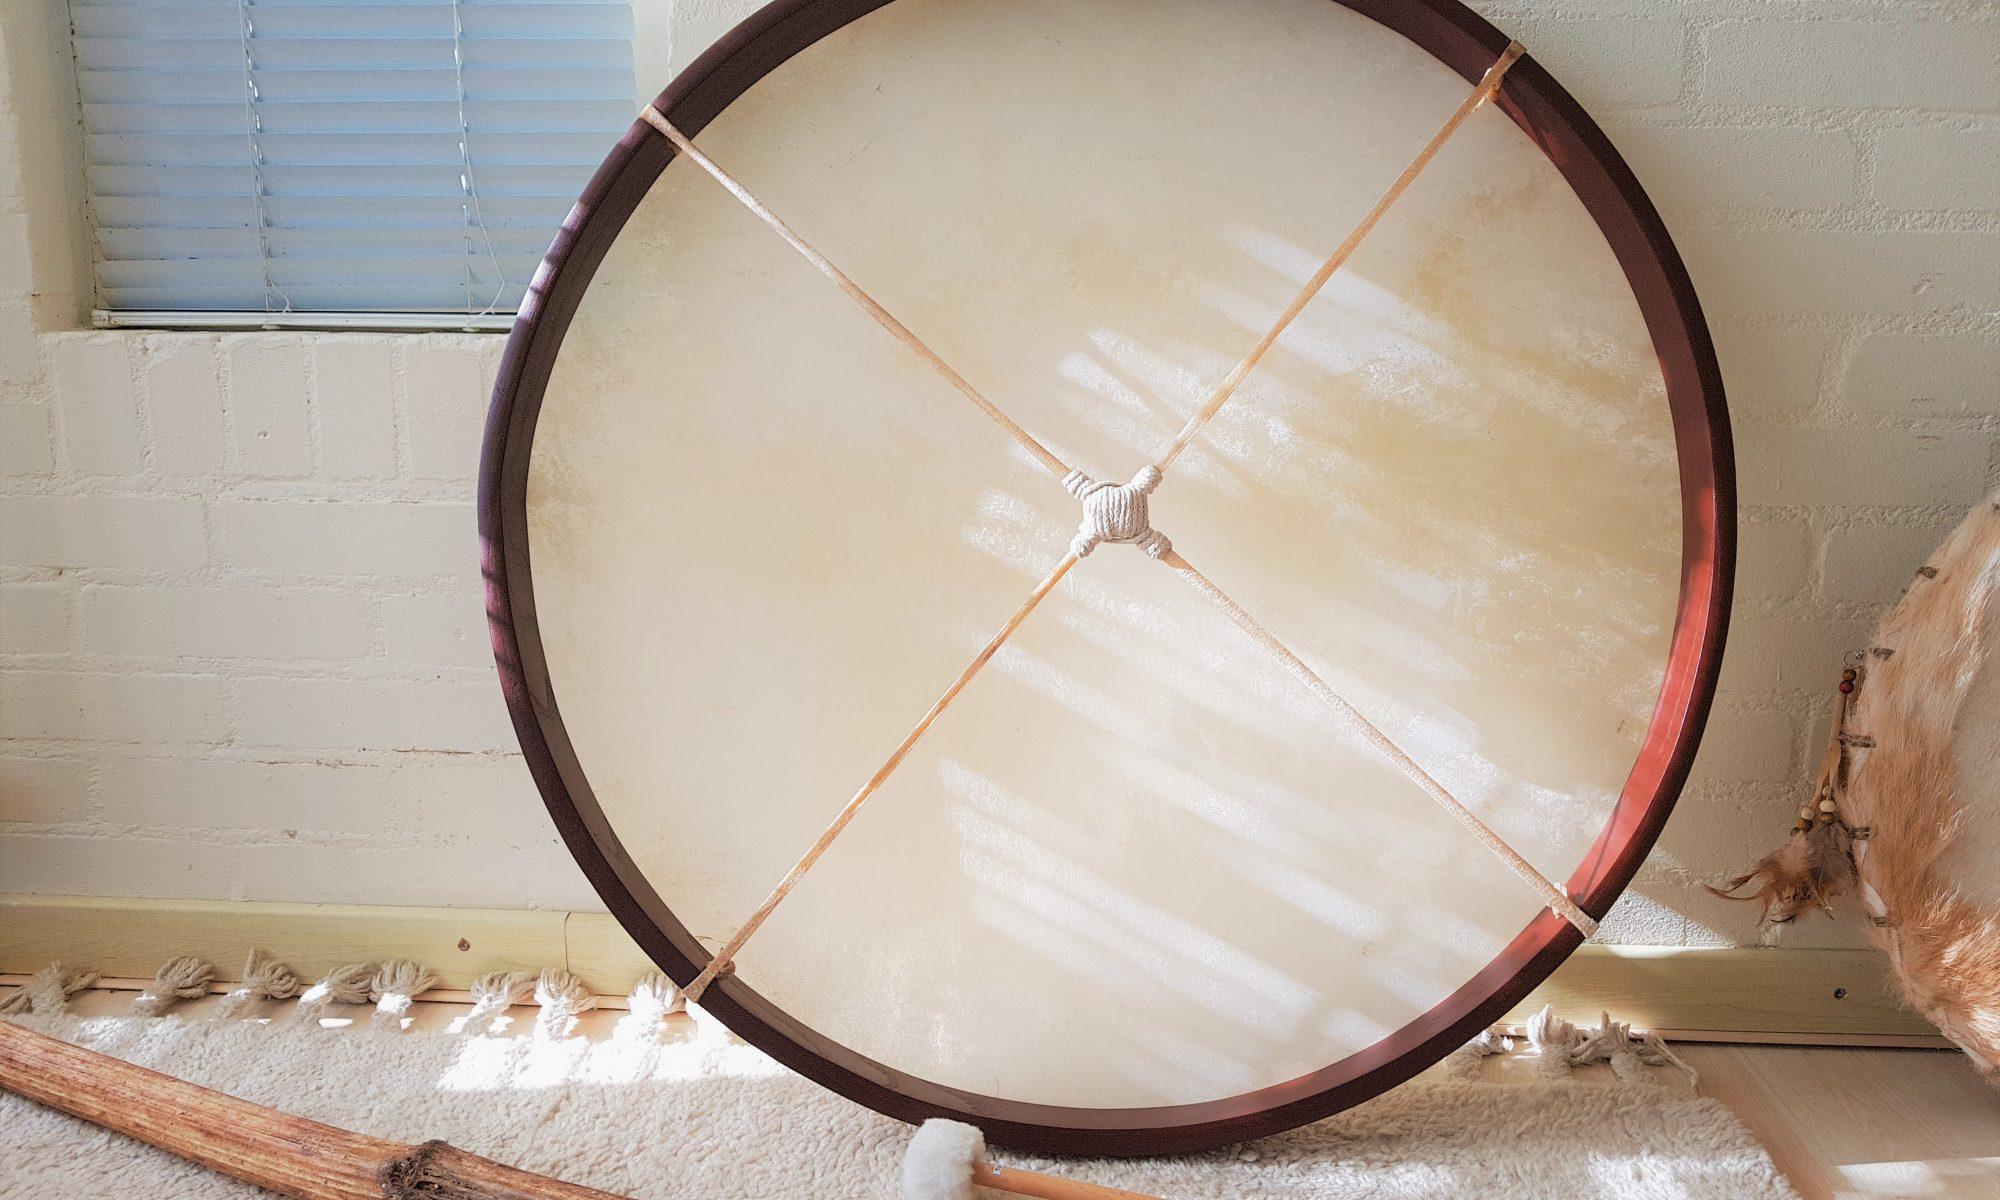 Een gong-drum tegen een muur.